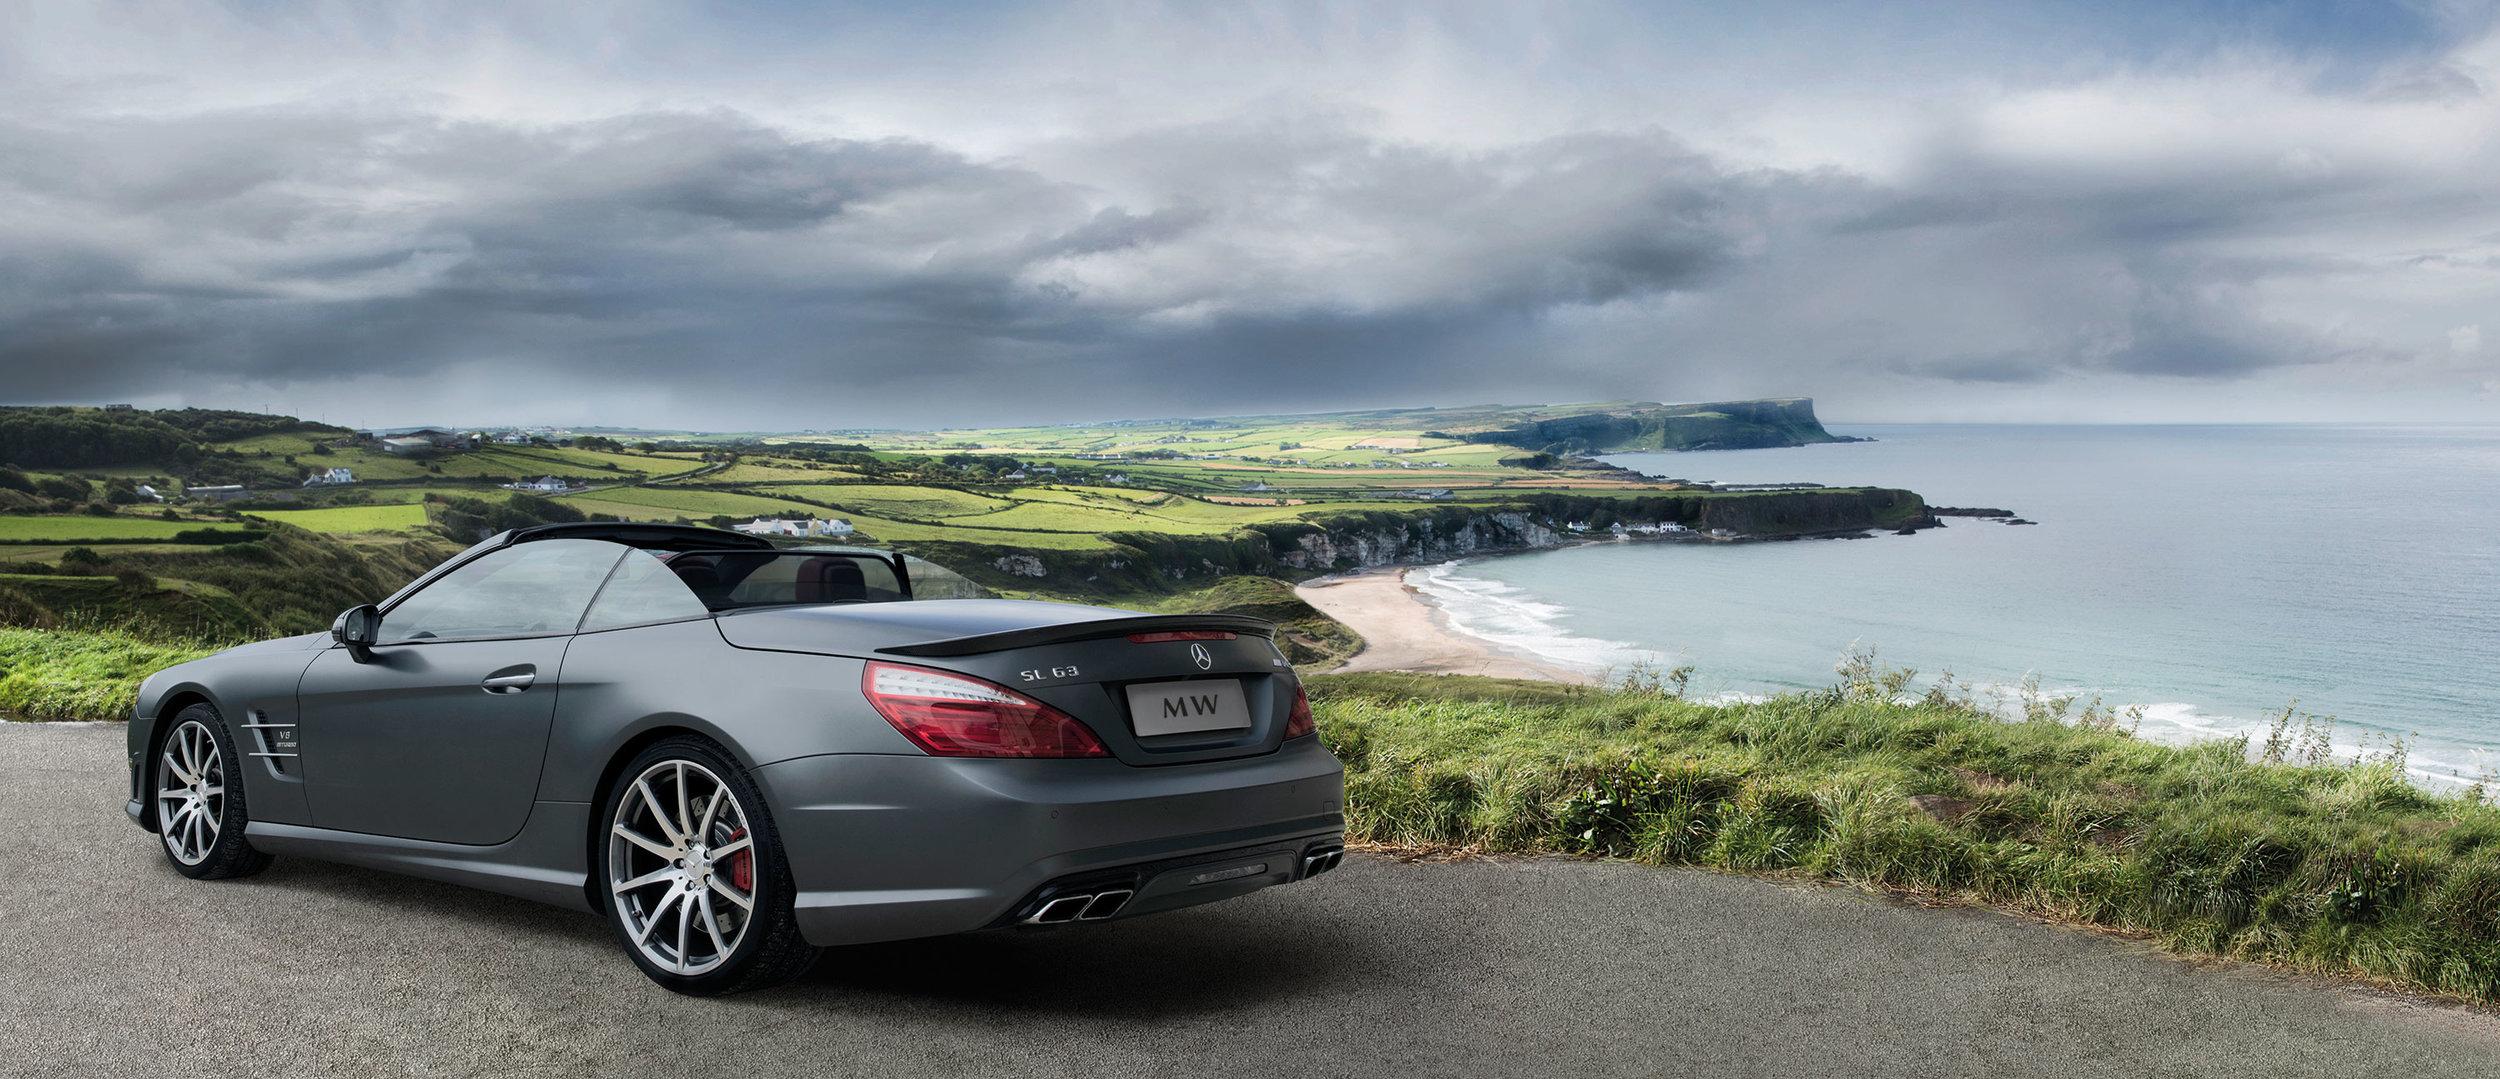 Mercedes-Benz · · BMW · · Volkswagen · · Rolls Royce · · Porsche · · Land Rover · · Audi · · Bentley